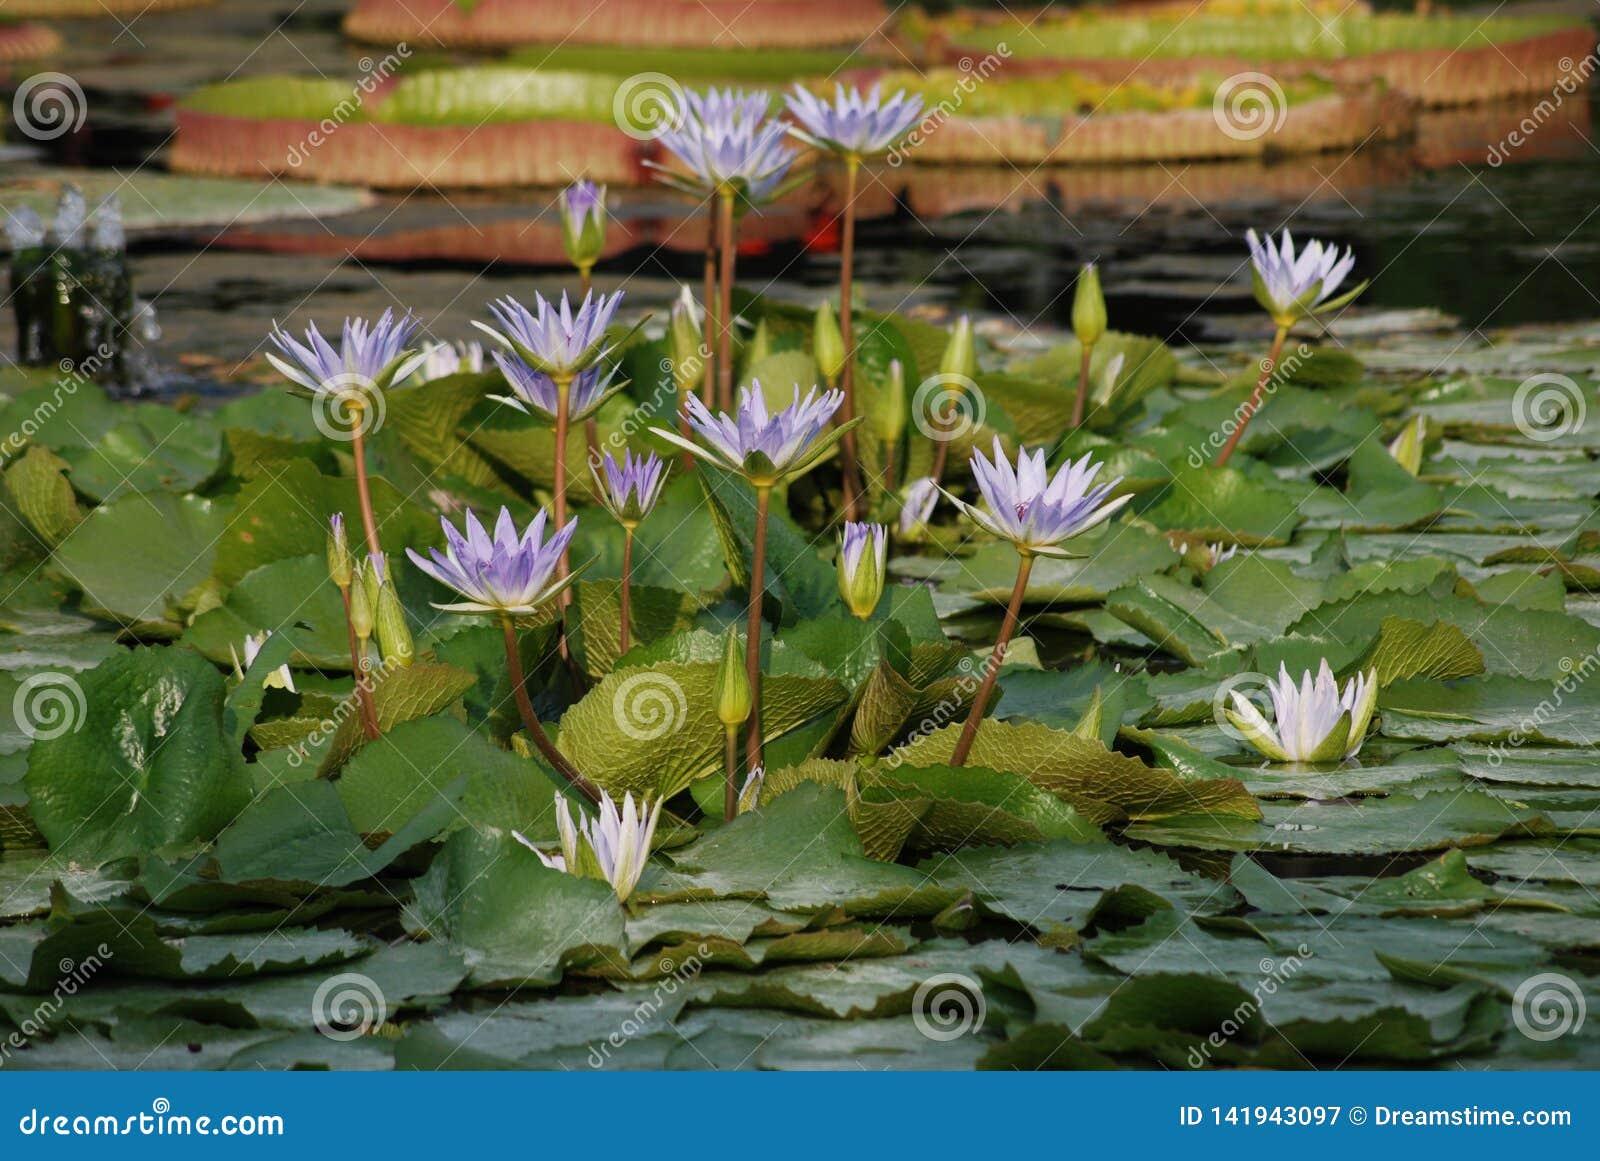 Remendo de lírios de água lilás na lagoa - Nmyhaea Nouchali